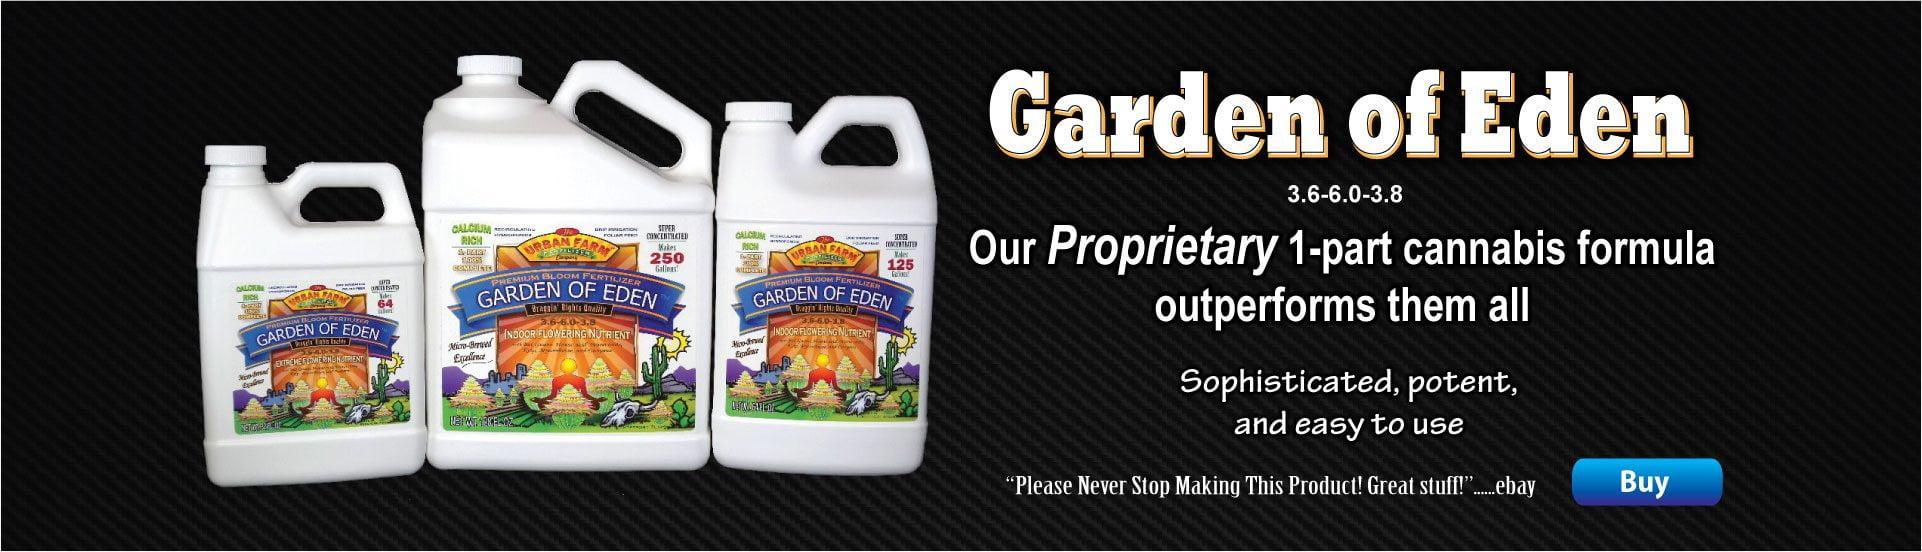 Carousel_4-Garden-of-Eden-cropped-carbon-fiber